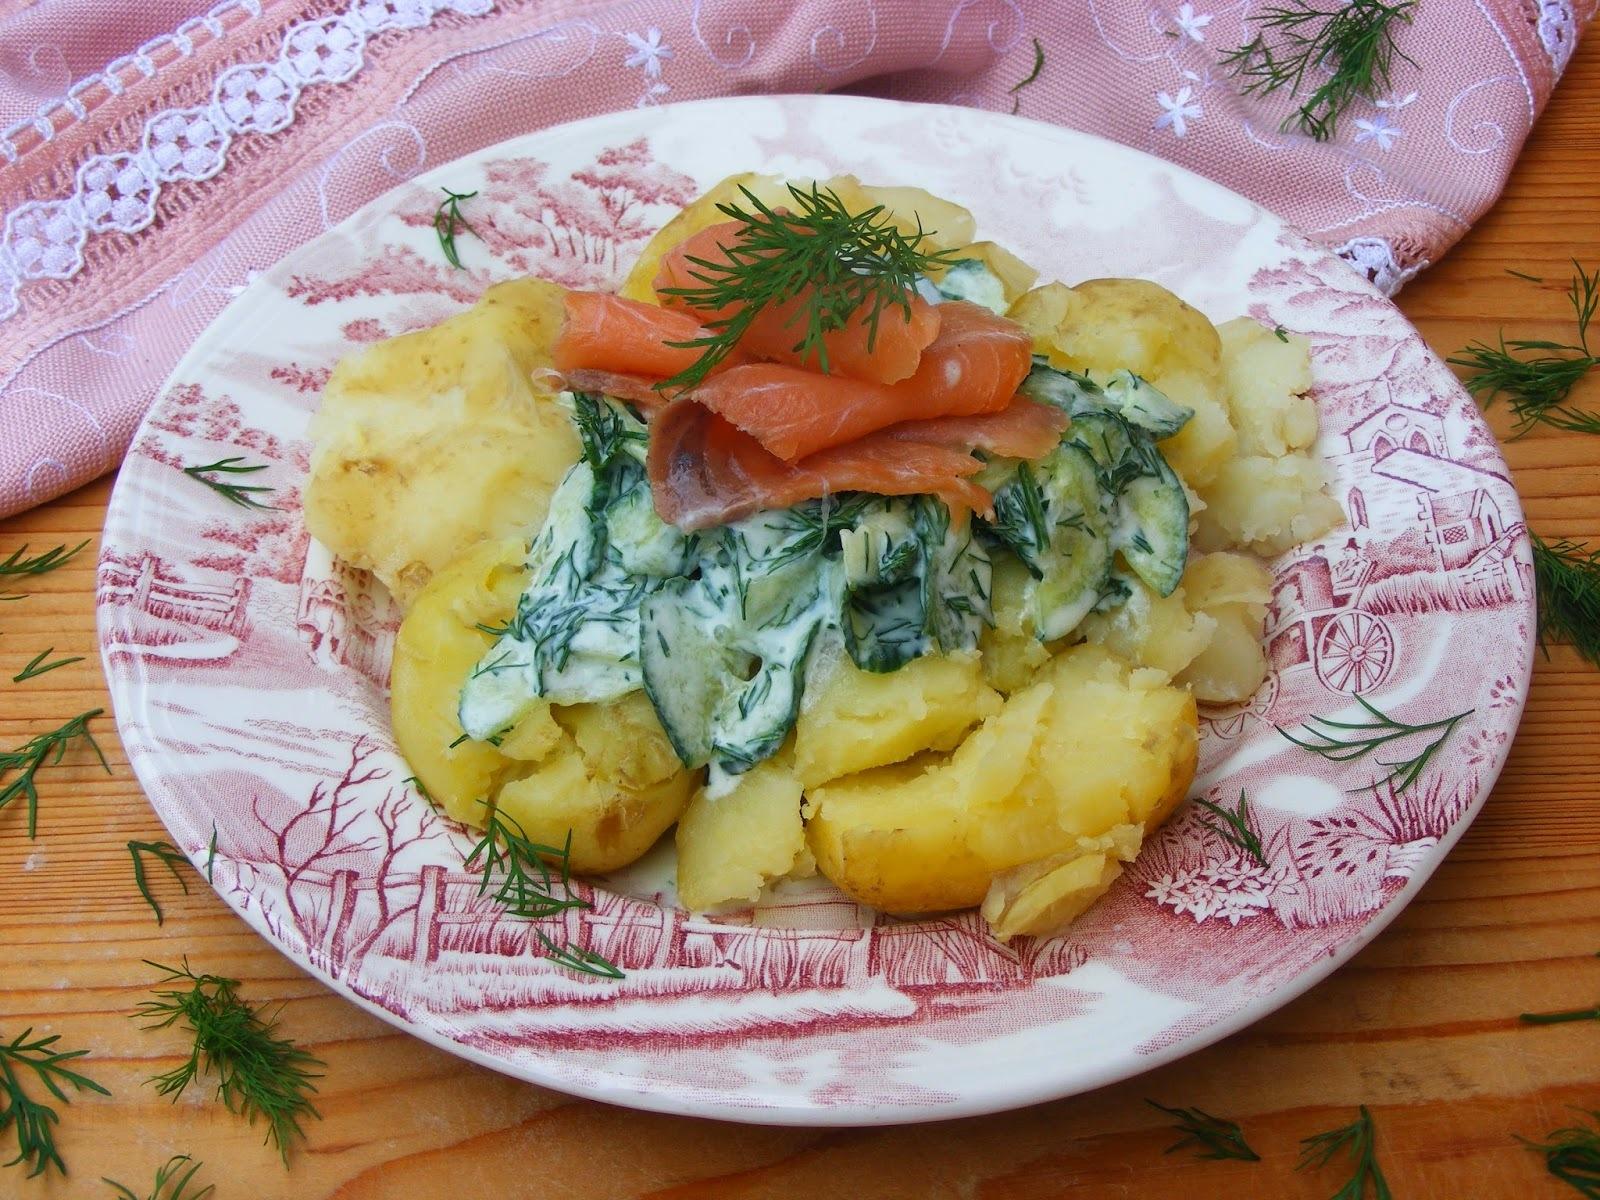 Lazacos újkrumplisaláta